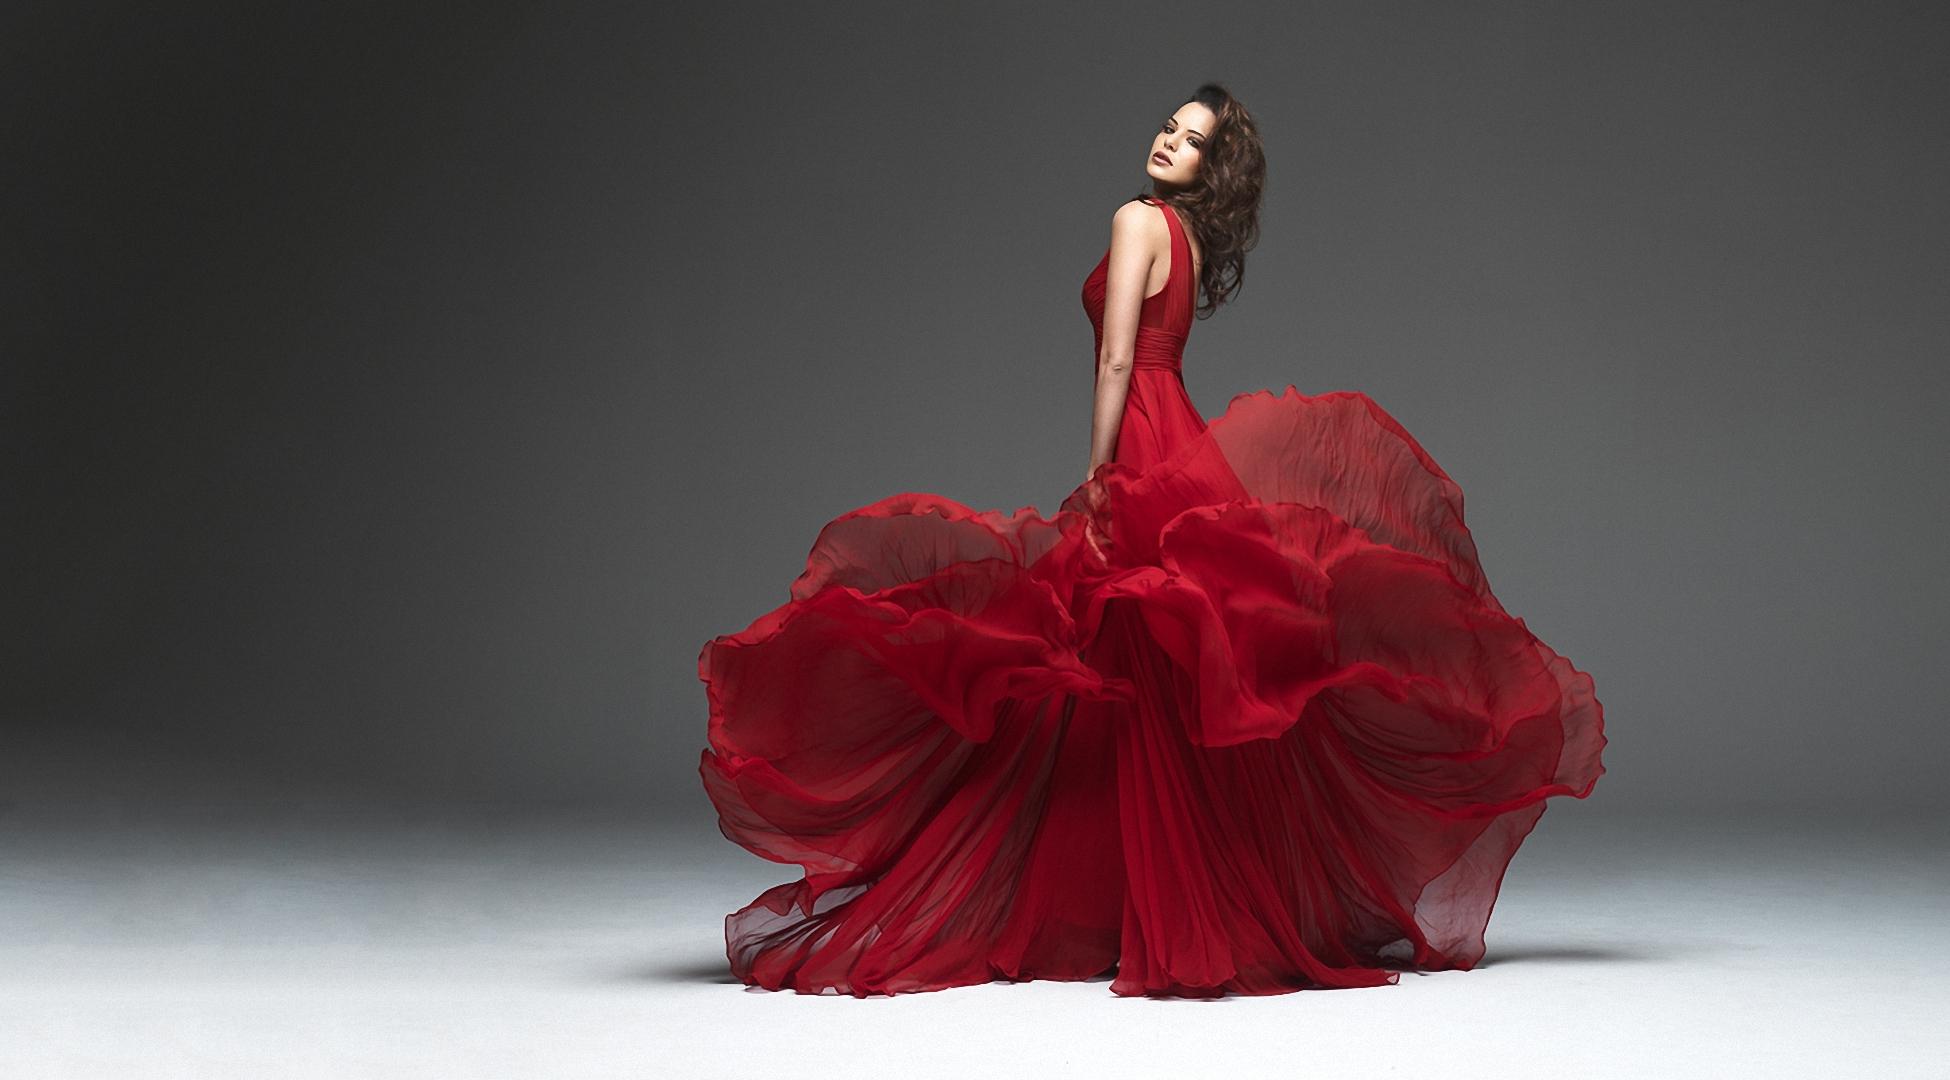 Картинки девушка в красном платье, баба снова